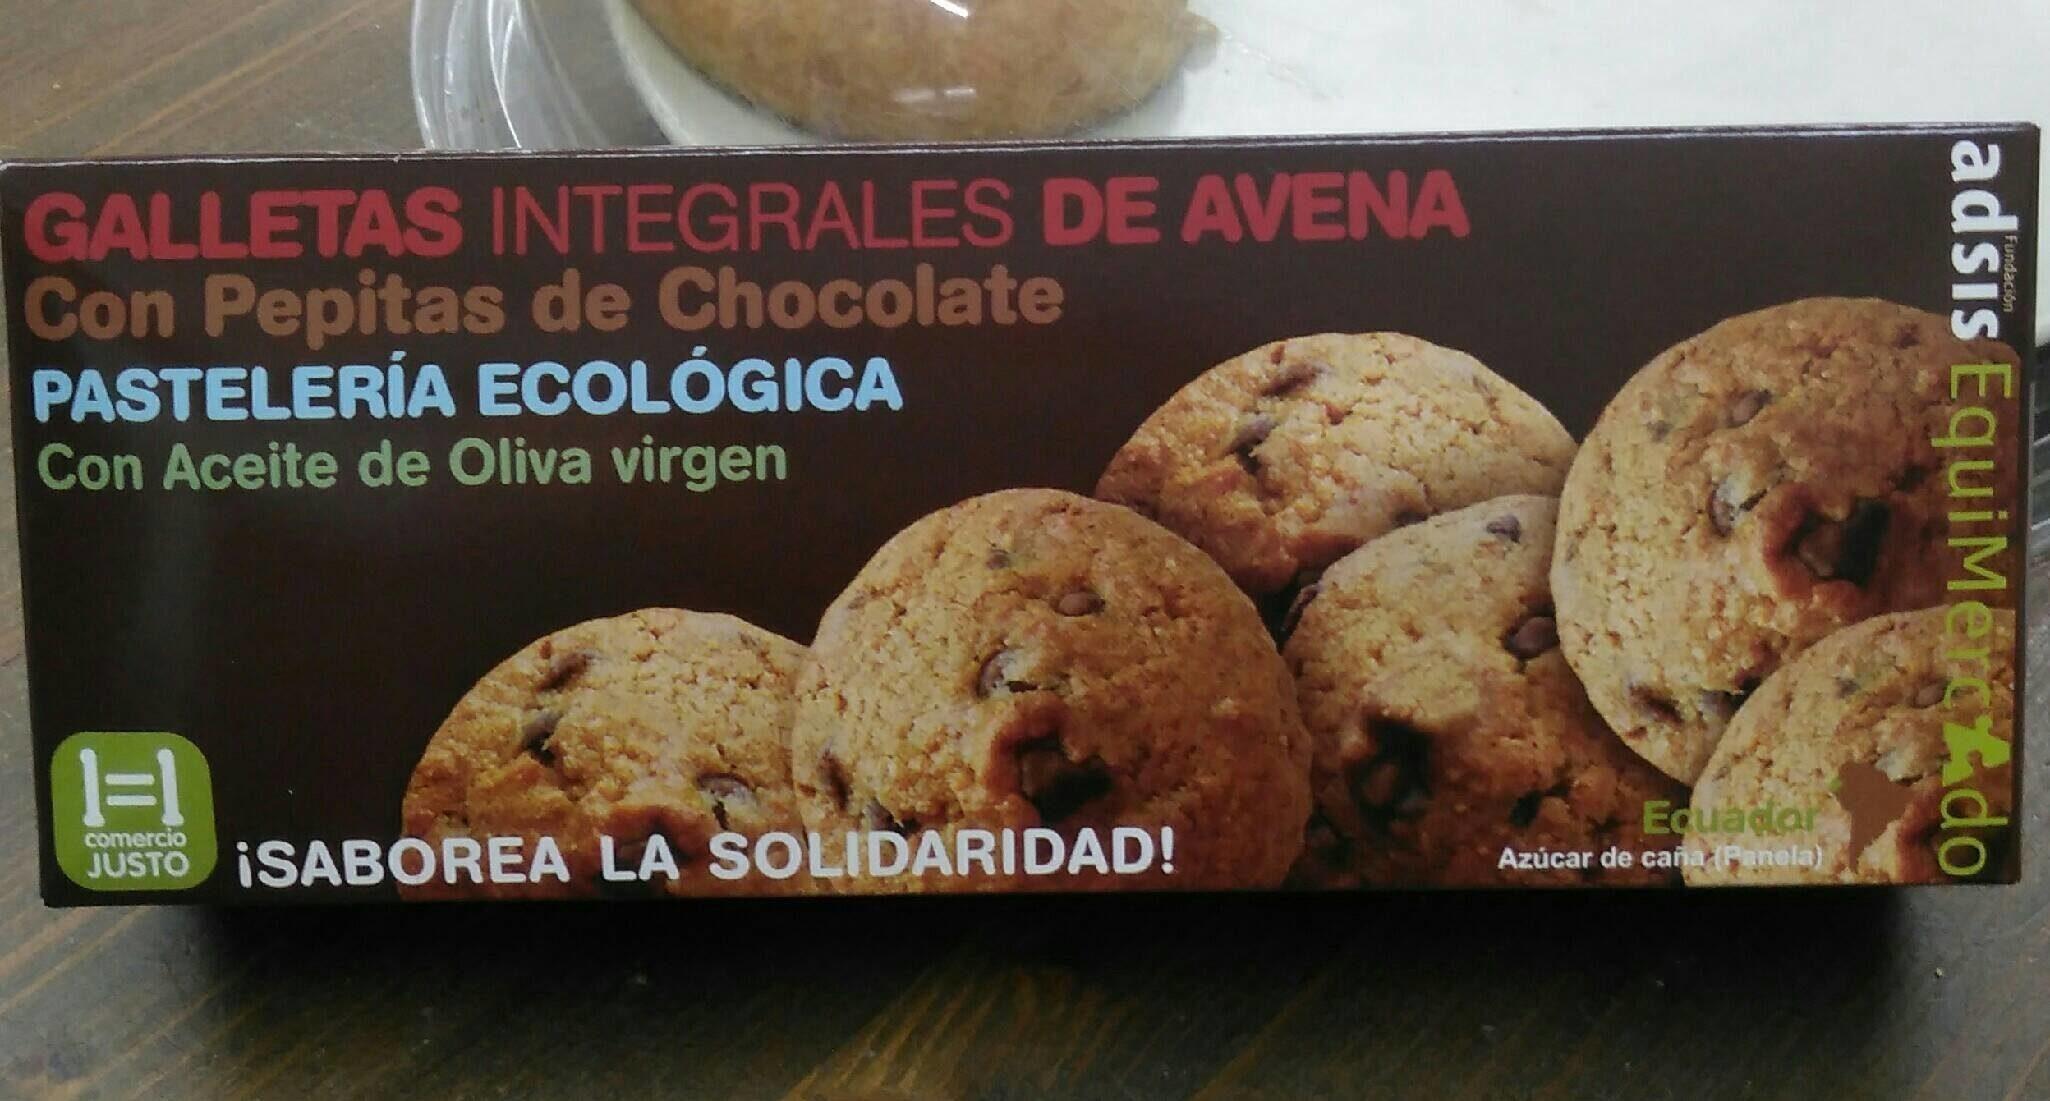 Galletas integrales Avena y Chocolate - Product - es